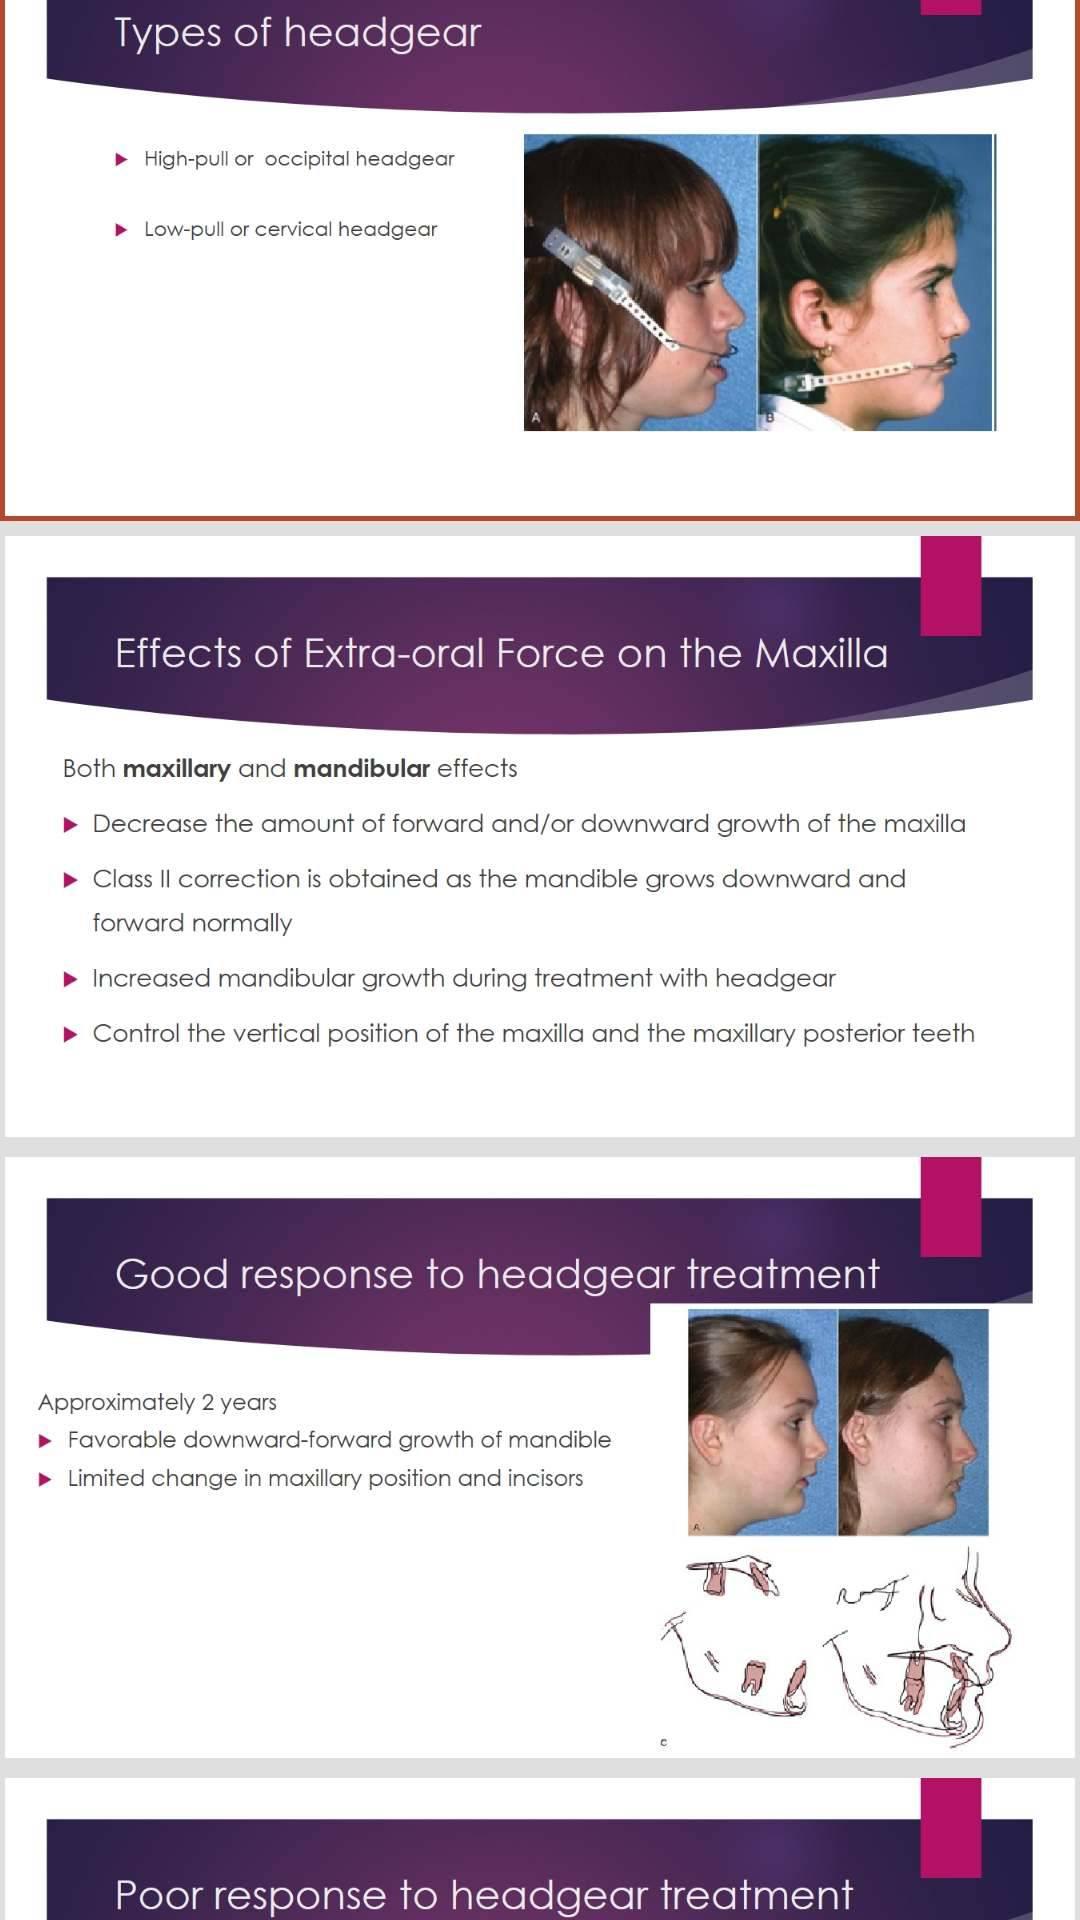 پاورپوینت انگلیسی extra oral force headgear